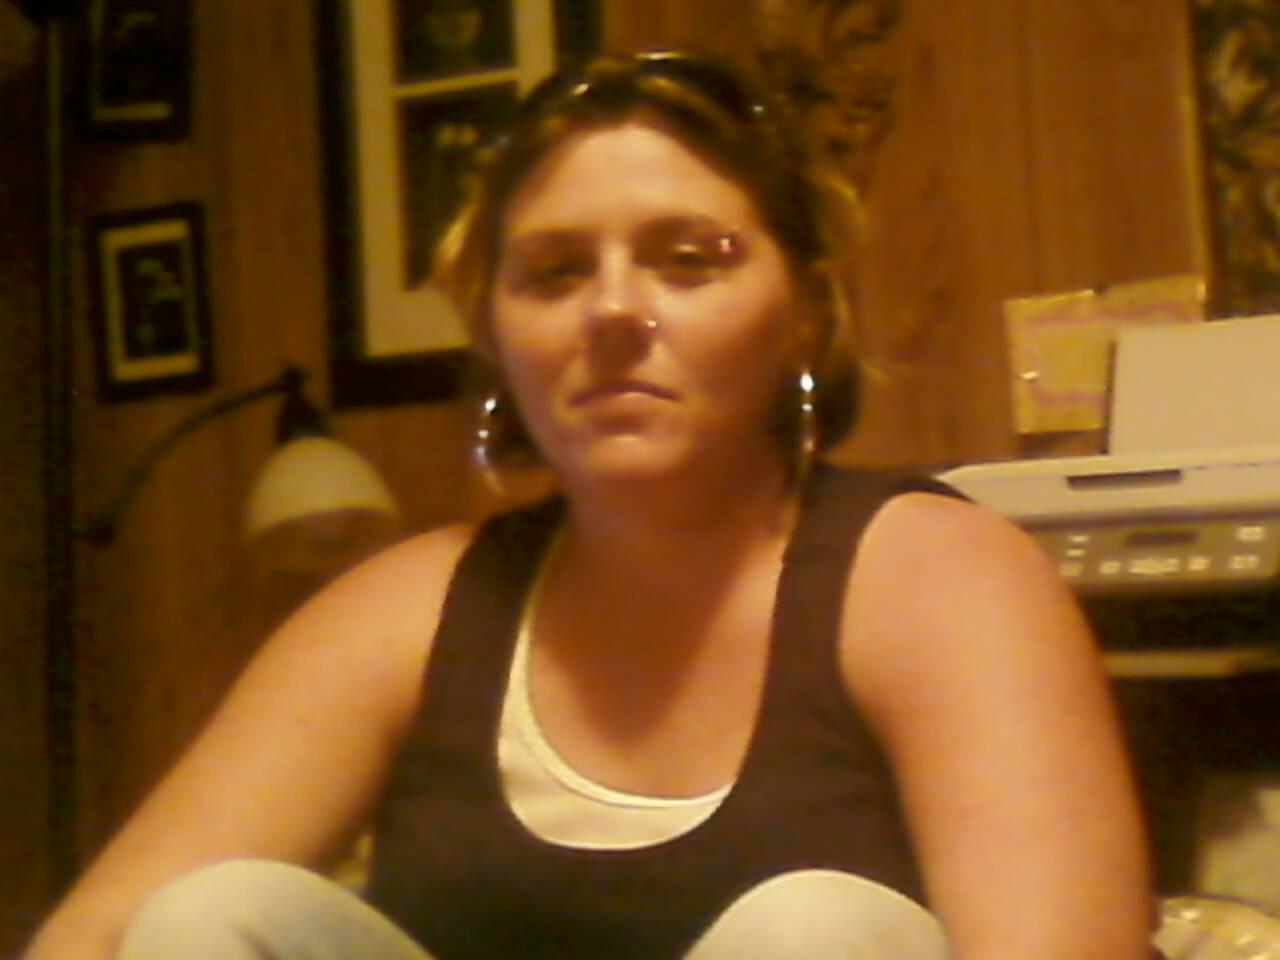 Sara Edgeworth